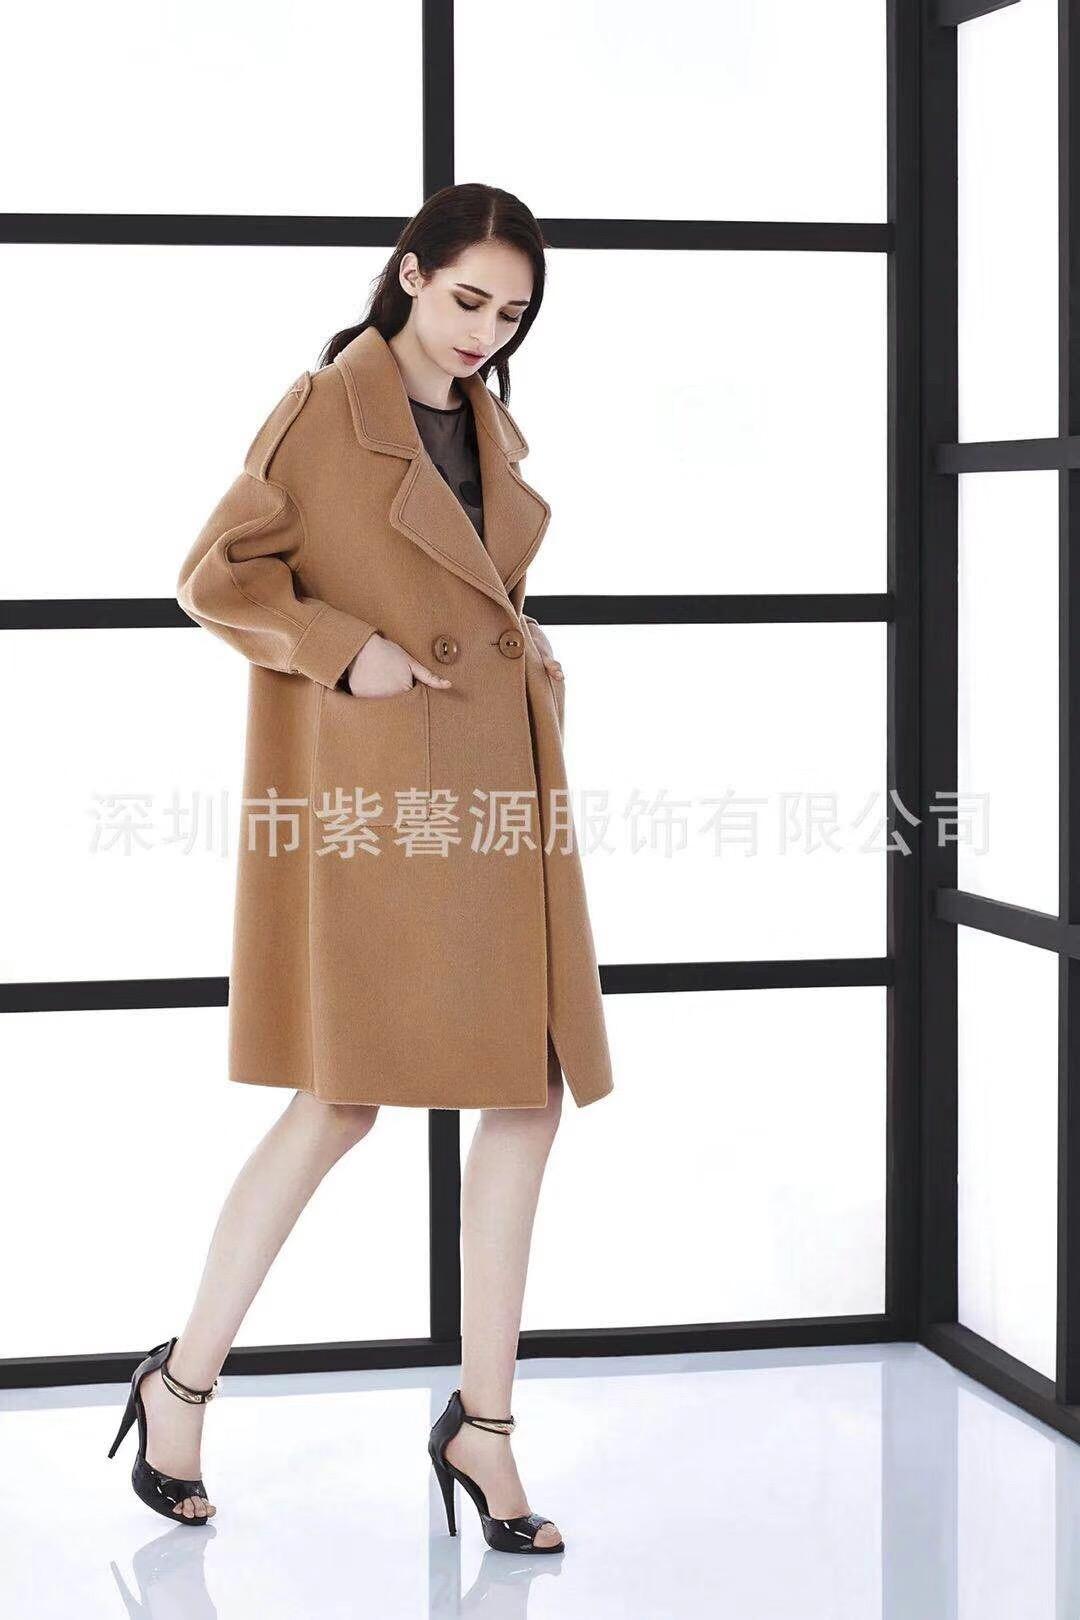 紫馨源服饰折扣女装尾货批发女装批发